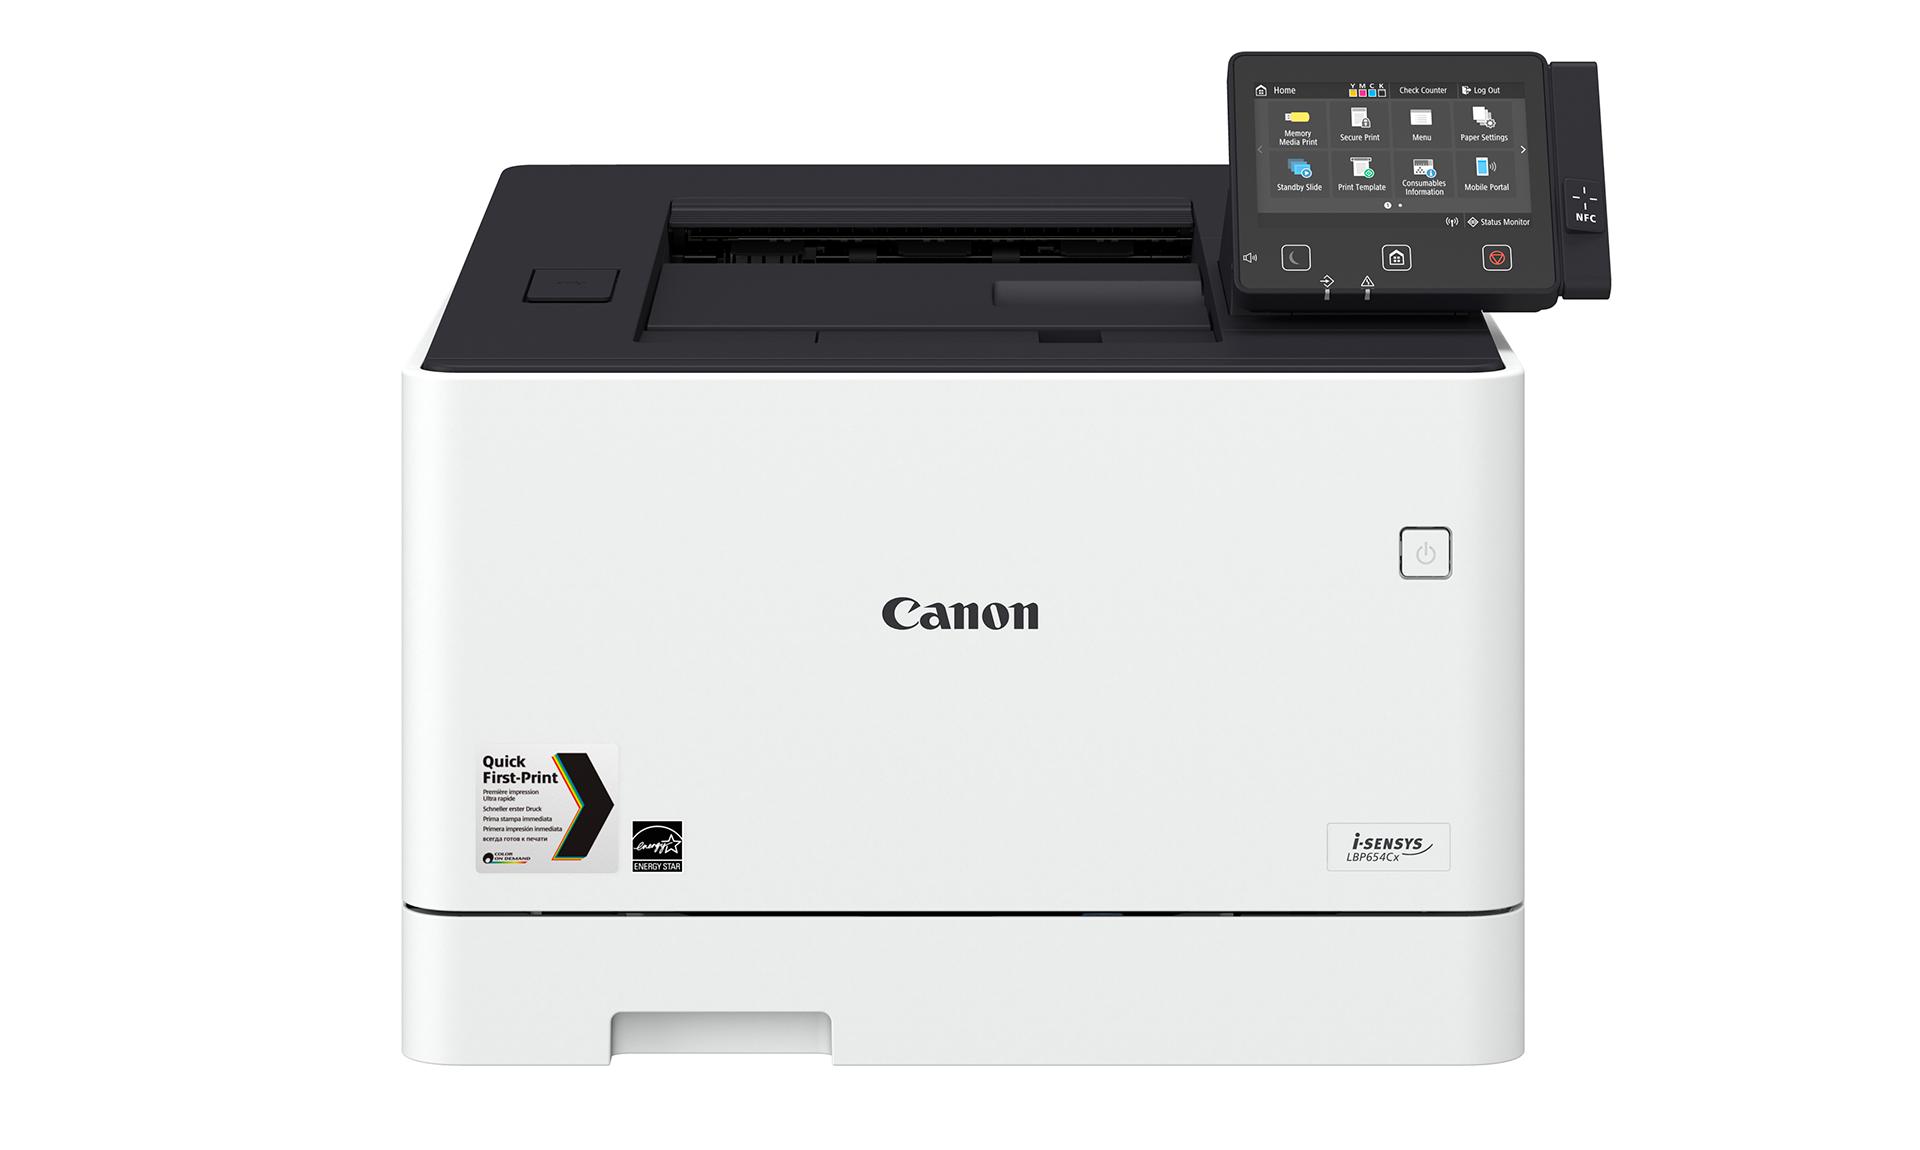 От домашнего офиса до корпорации: новые лазерные устройства из линейки Canon i-SENSYS - 13